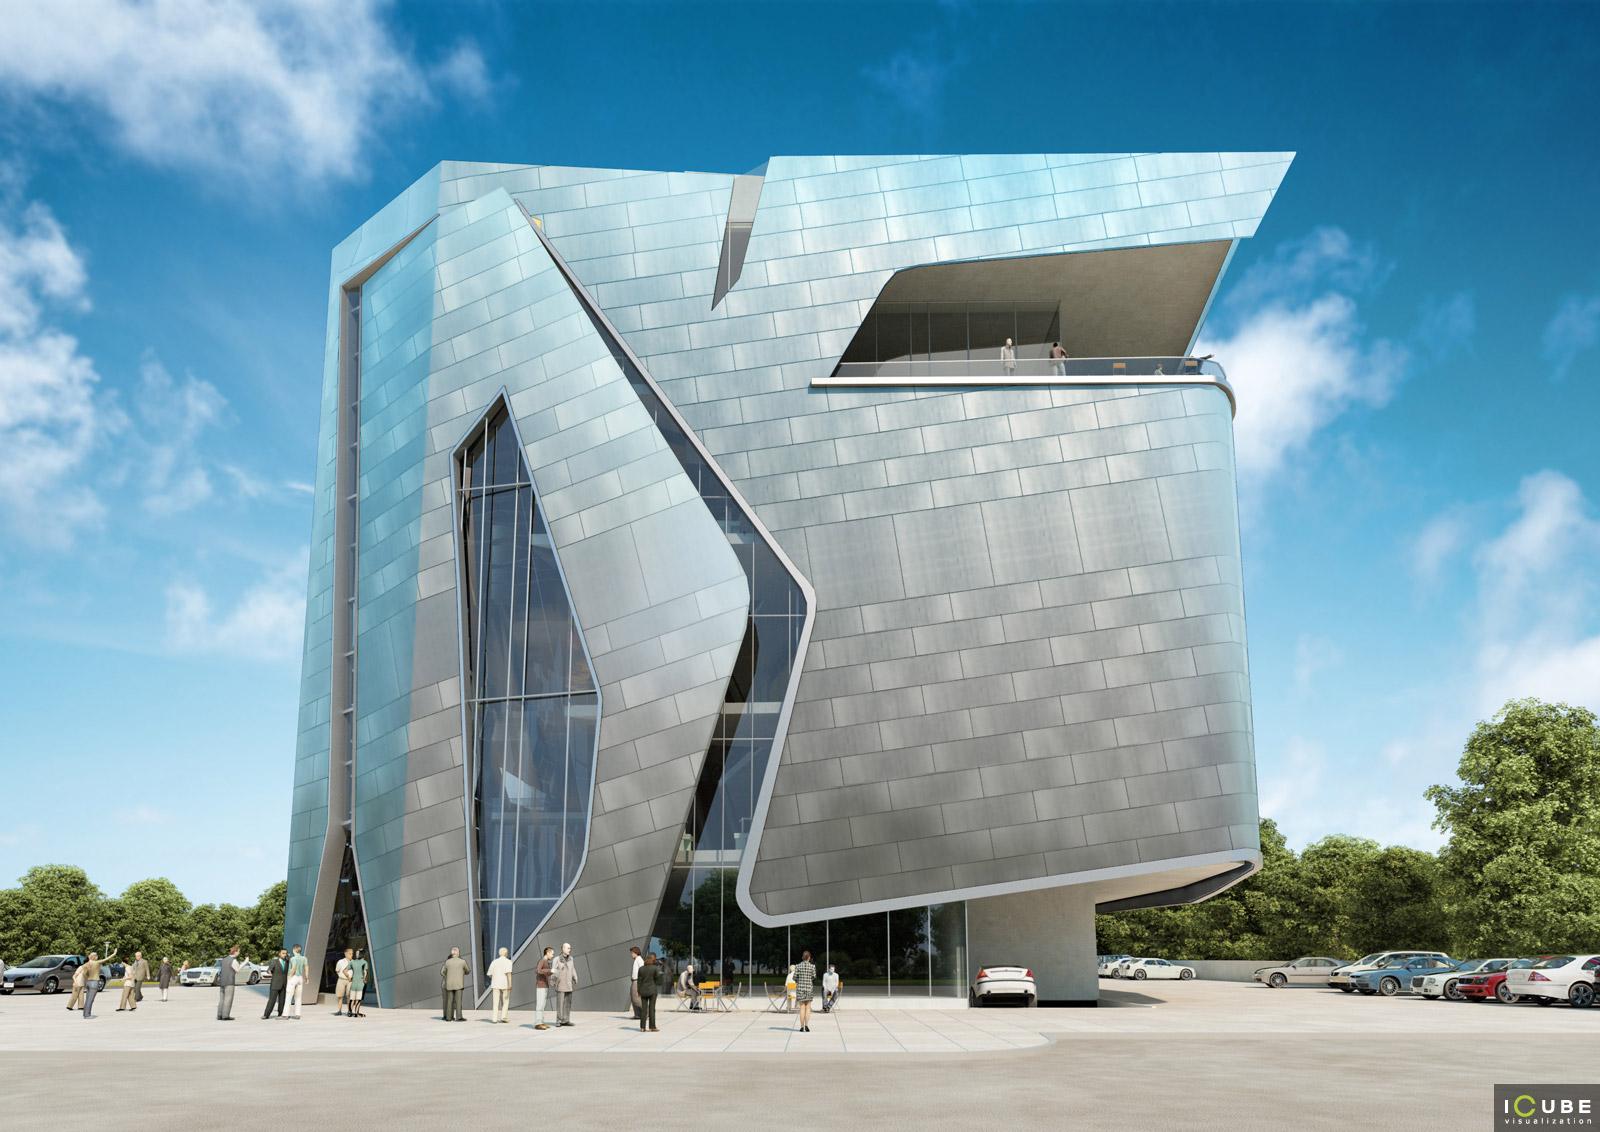 iCube Visualization - Design, Visualization, Architecture ...